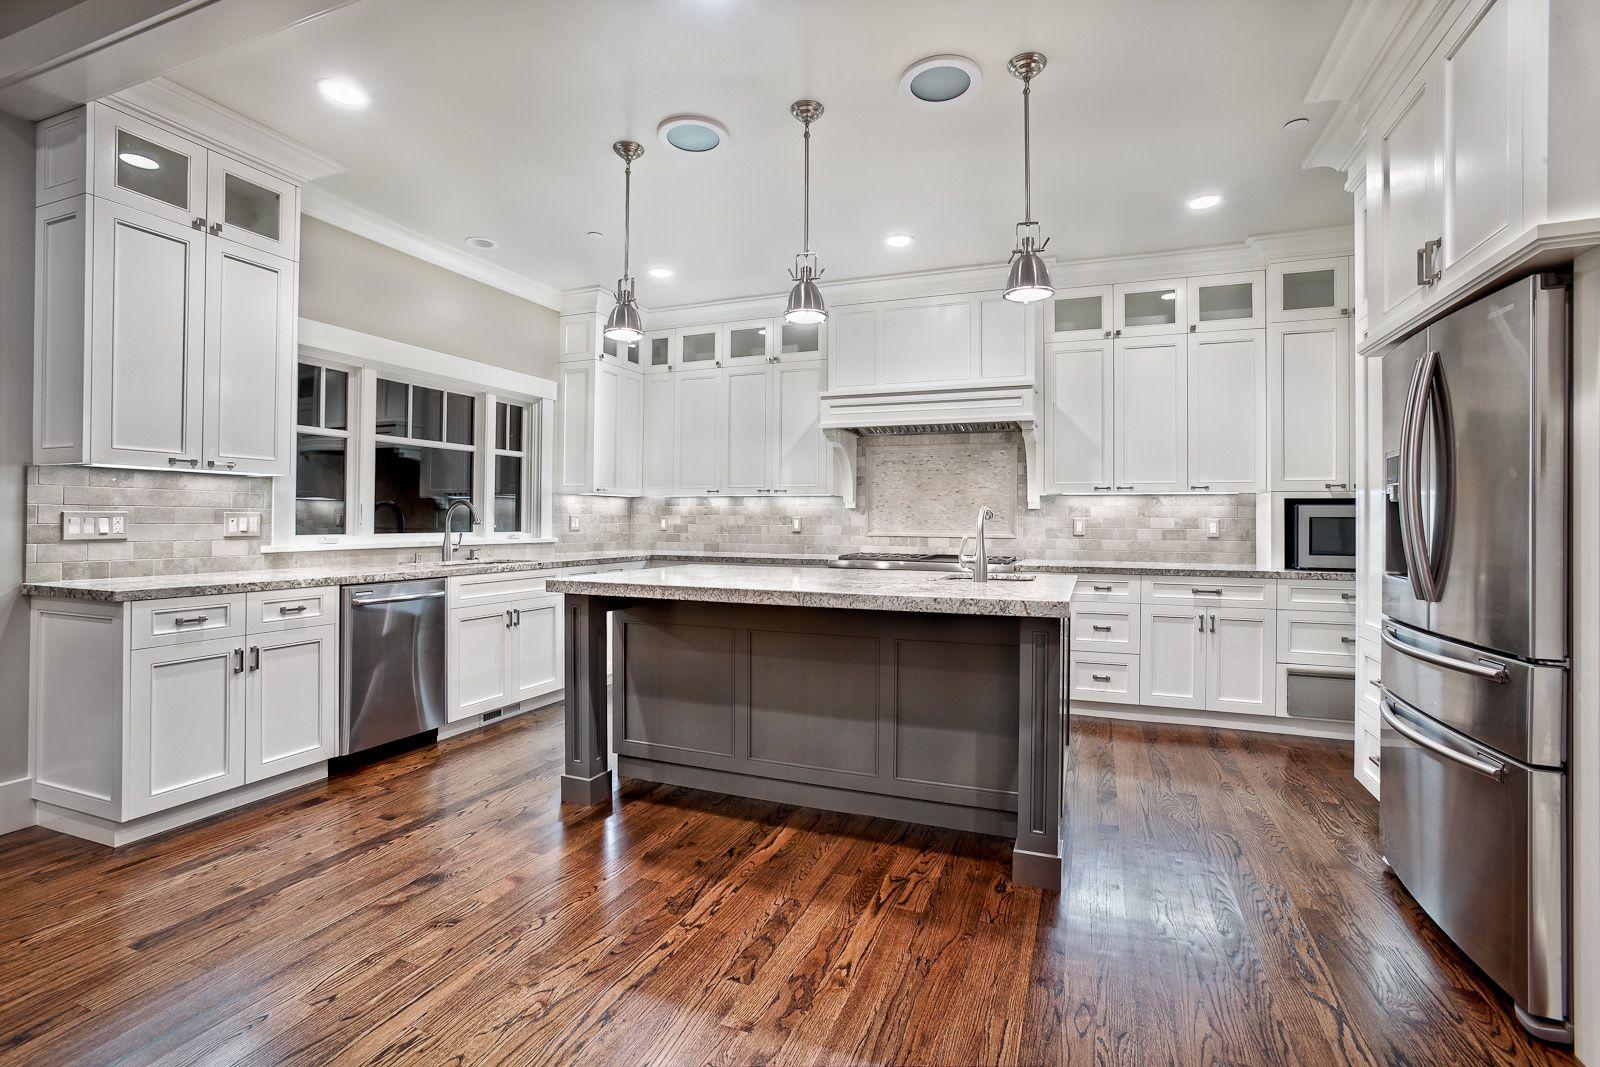 White Craftsman Style Kitchen Cabinets - Kitchen Design Ideas